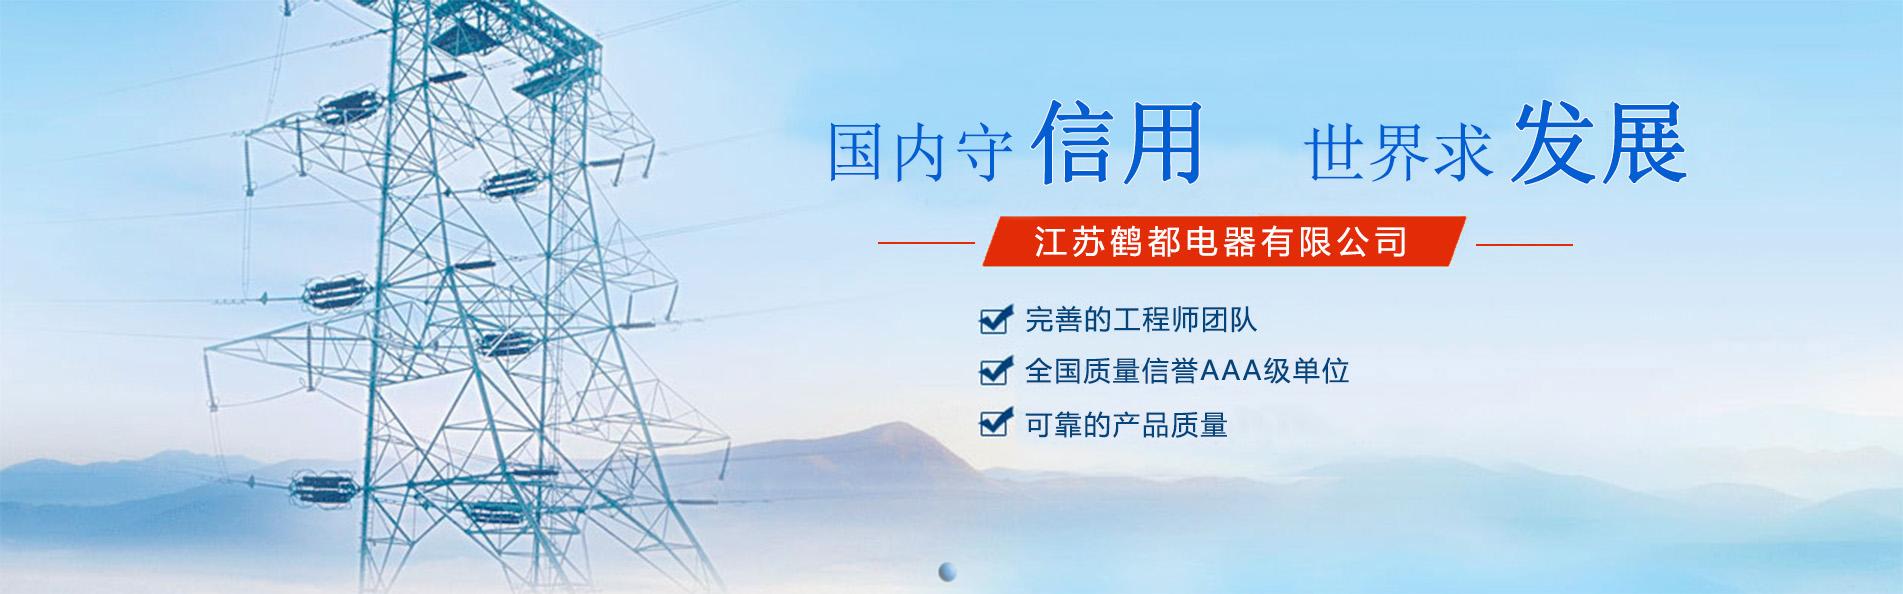 江苏火币网官方版 电器有限公司